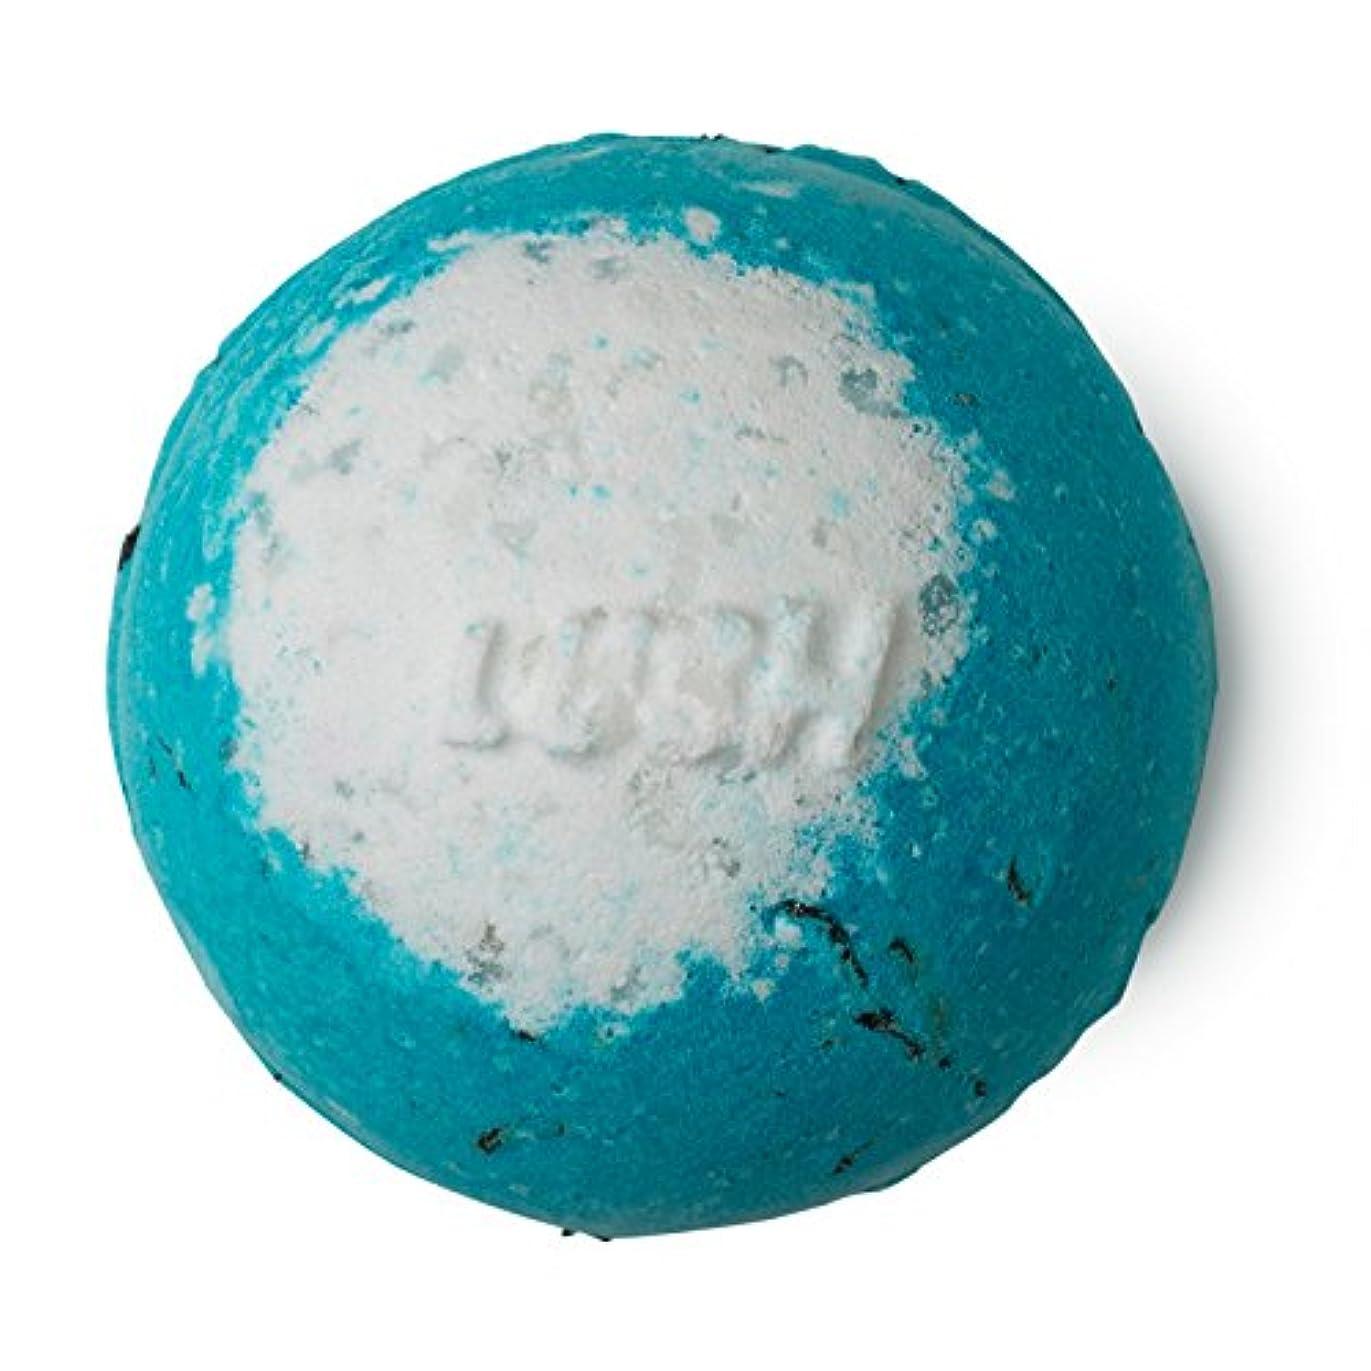 カスタム飲み込む配るLUSH ラッシュ RUSHラッシュ 200g バスボム 浴用 シーソルト 入浴剤 ラベンダーオイル 入浴剤 ギフト